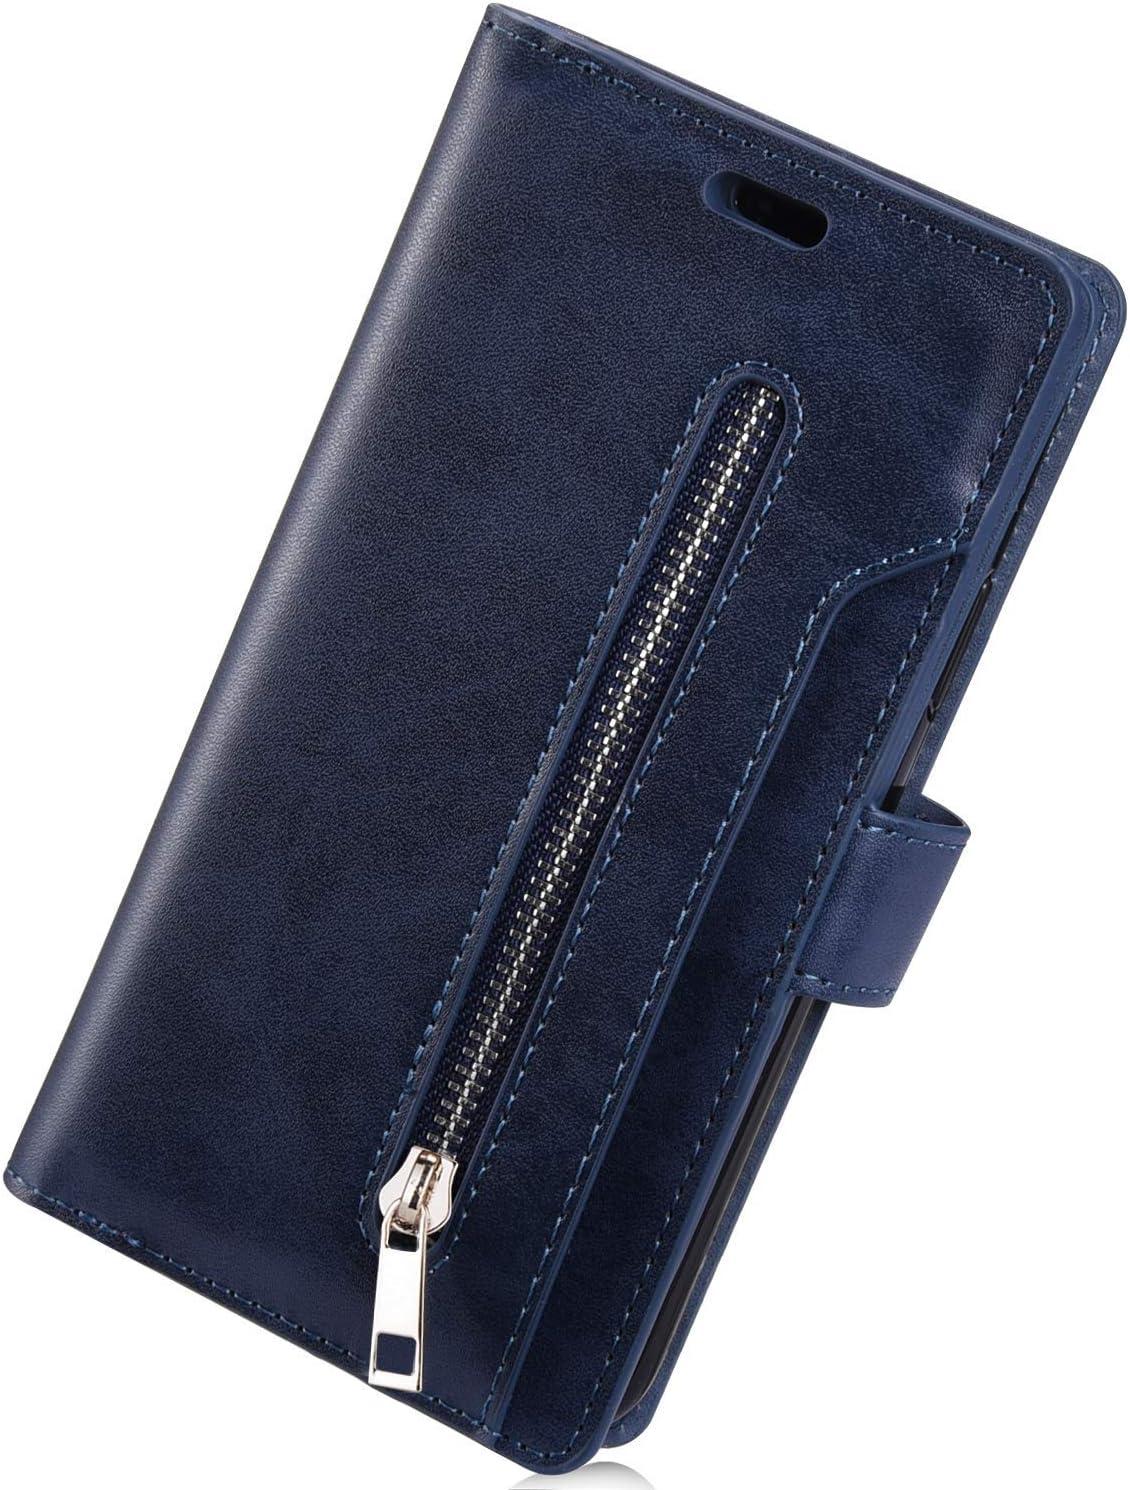 Herbests Compatibles con Samsung Galaxy Note 10 Plus Funda con Tapa Carcasa de Cuero Cremallera Multifunci/ón Wallet Cover con 9 Ranuras para Tarjetas Estuche para Hombre Mujer Case,Azul Oscuro